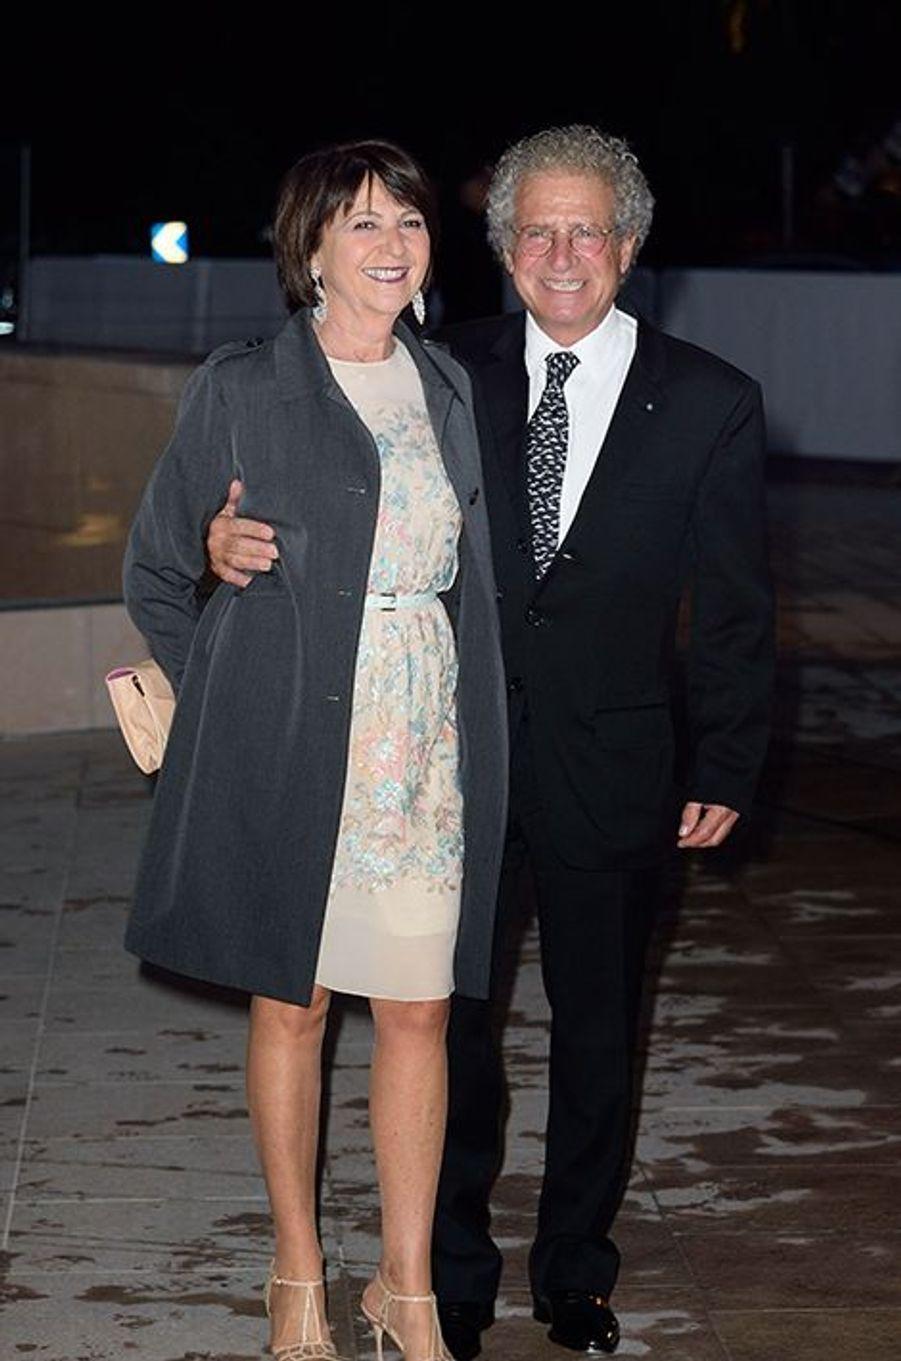 Laurent Dassault à l'inauguration de la Fondation Louis Vuitton le 20 octobre 2014 à Paris